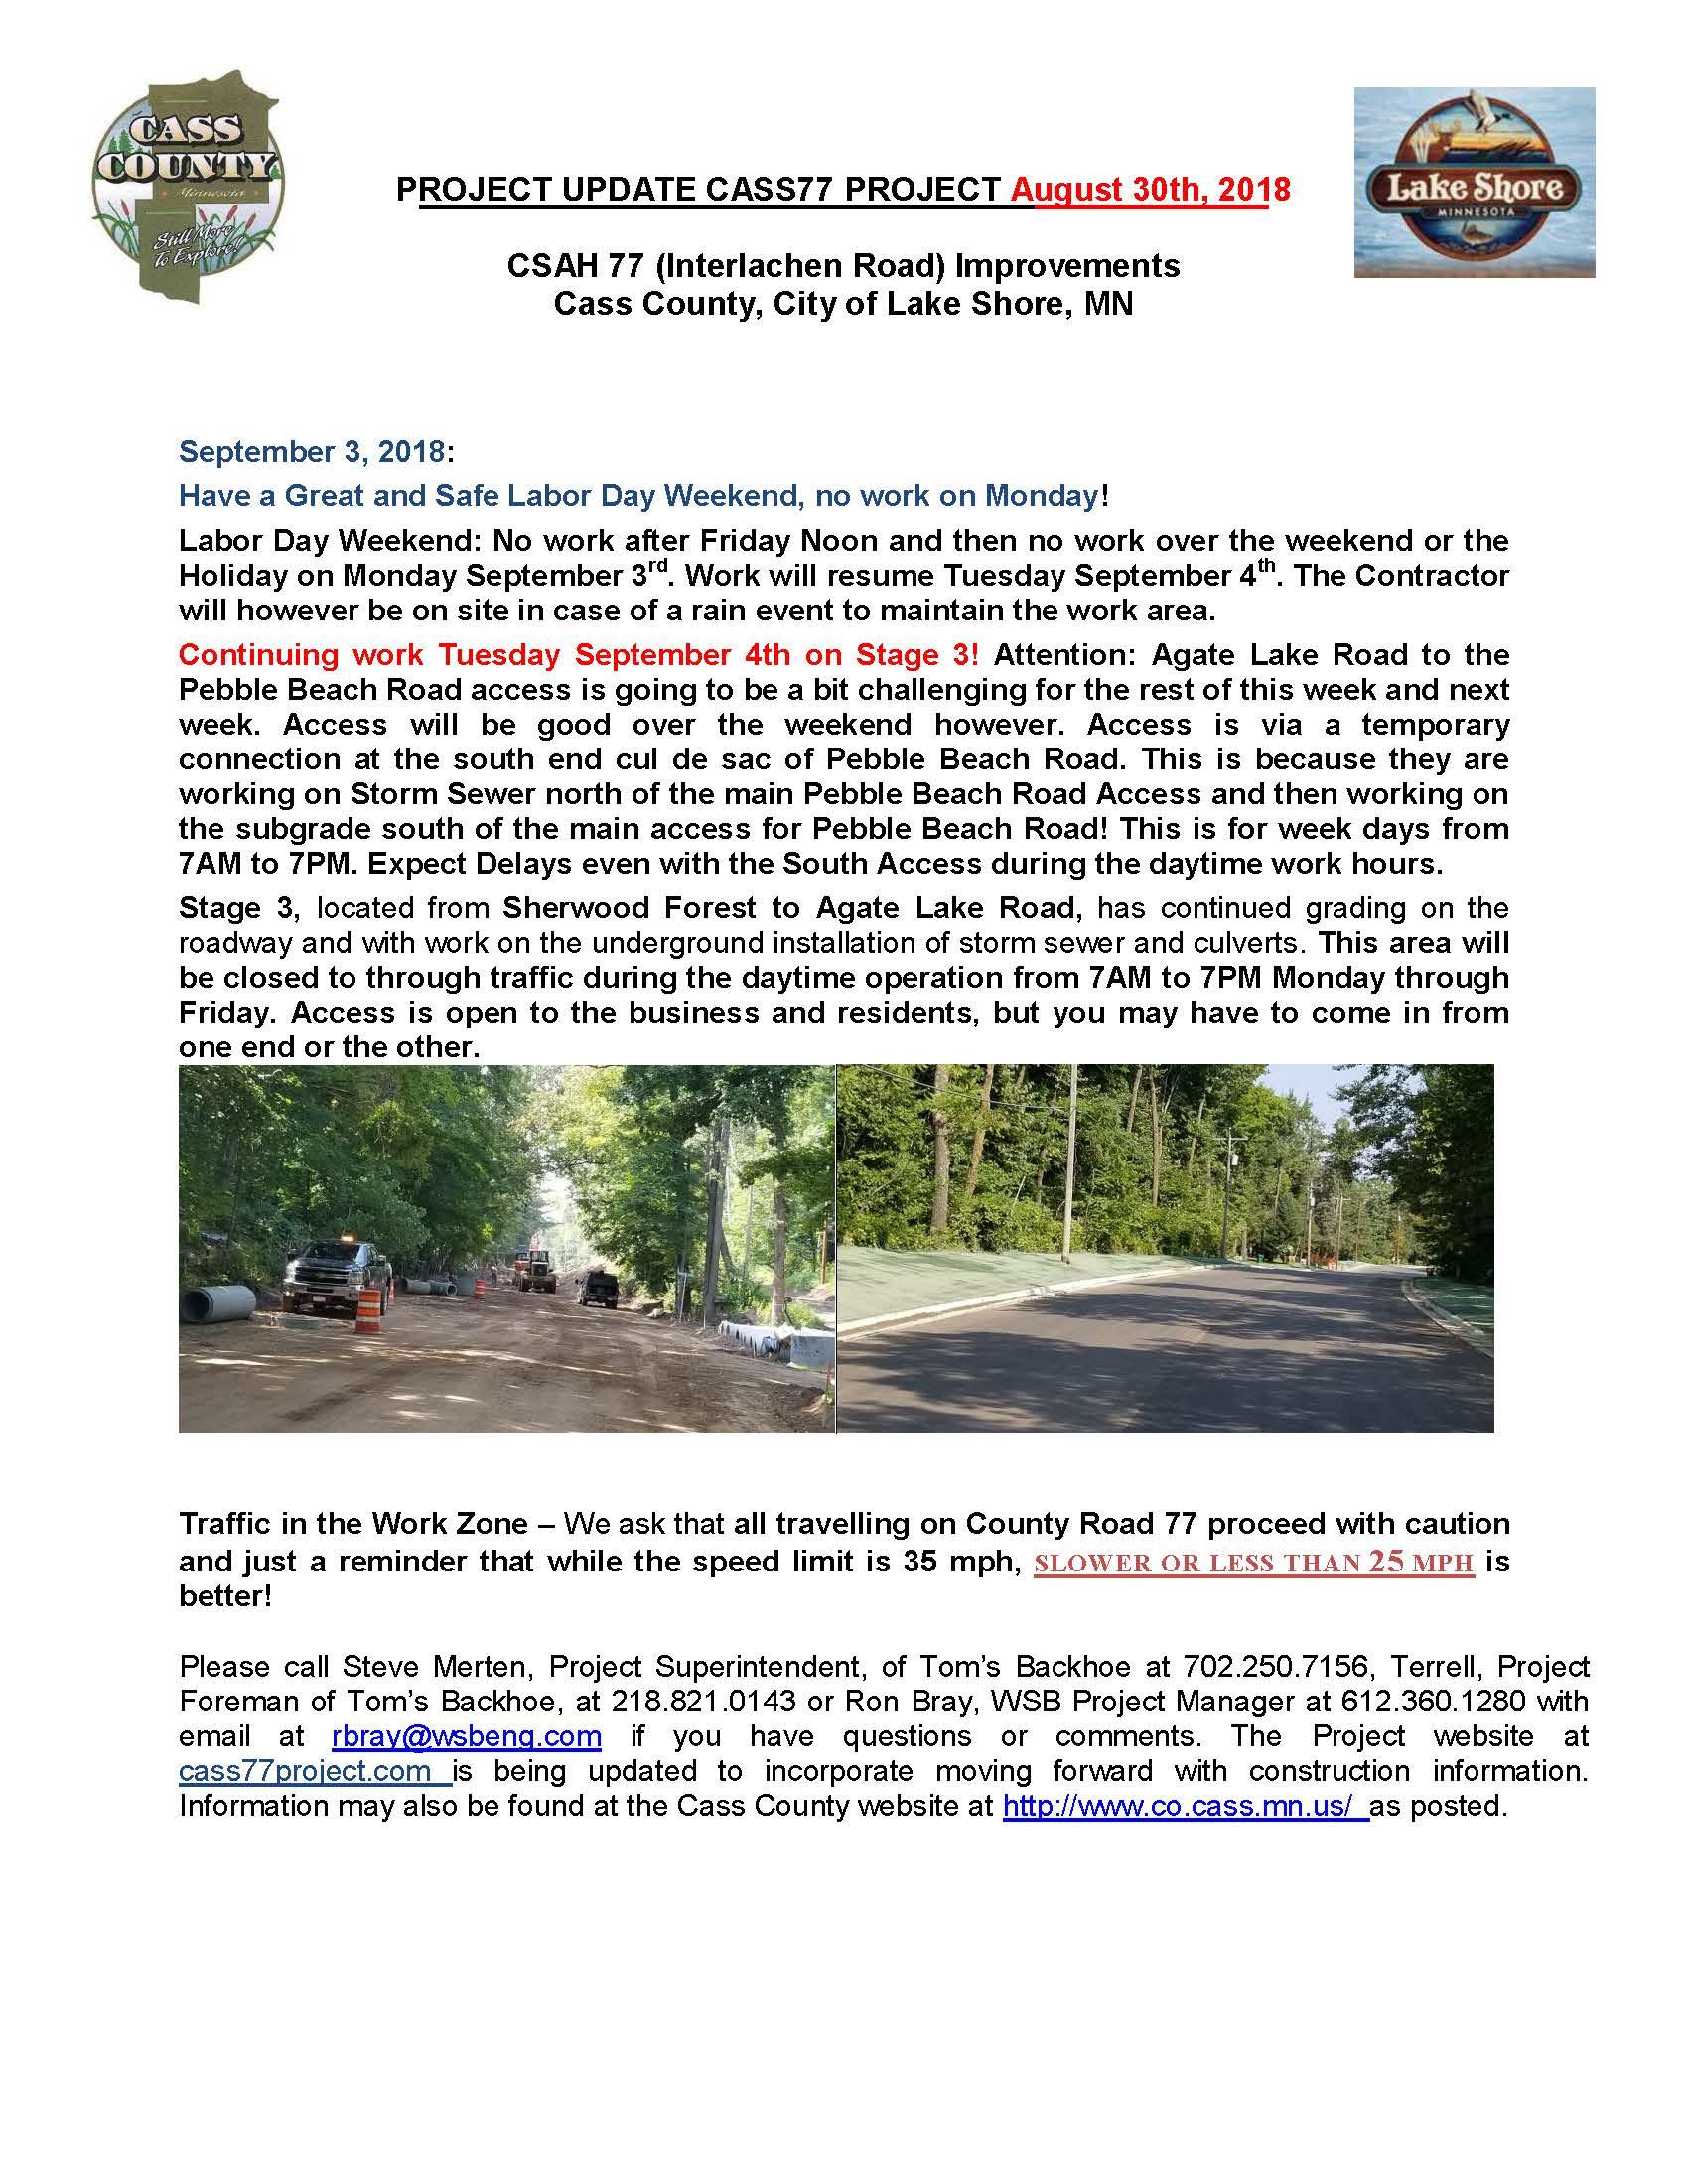 Cass County CSAH 77 Project update August 30th 2018.jpg